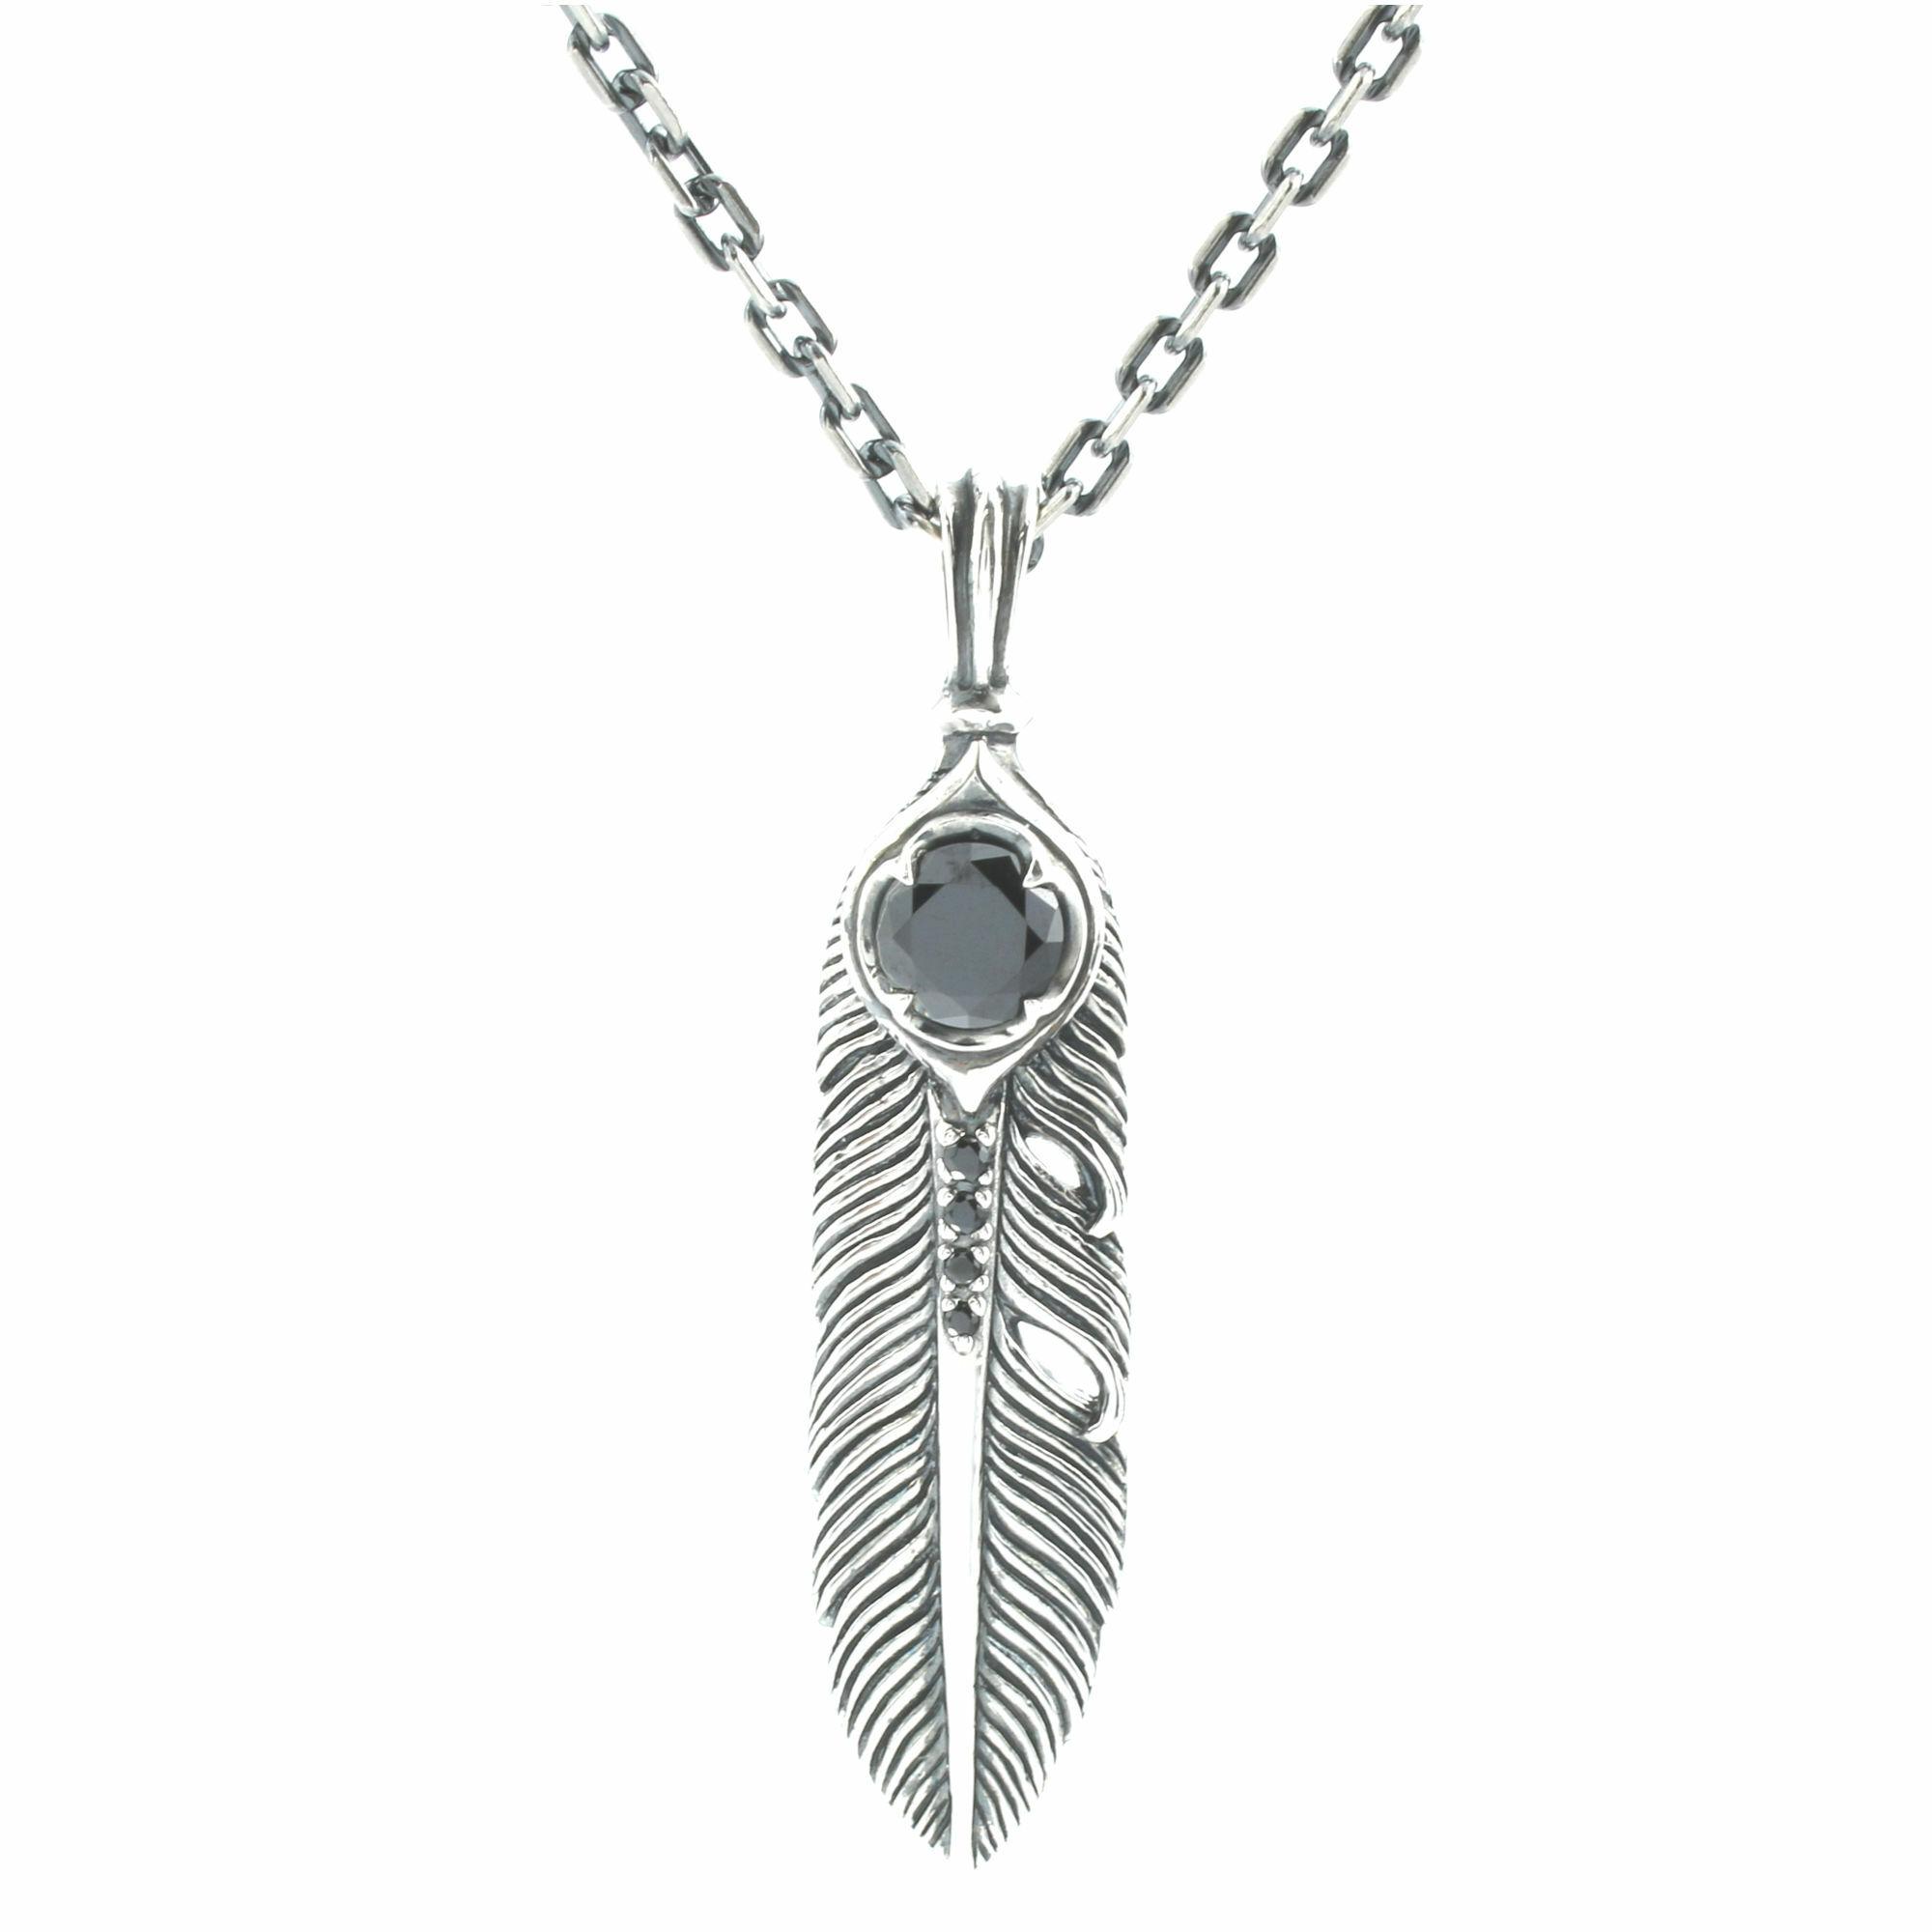 イカロスフェザーペンダント(スモール:ブラック) ACP0292 Icarus Feather Pendant (Small: Black)